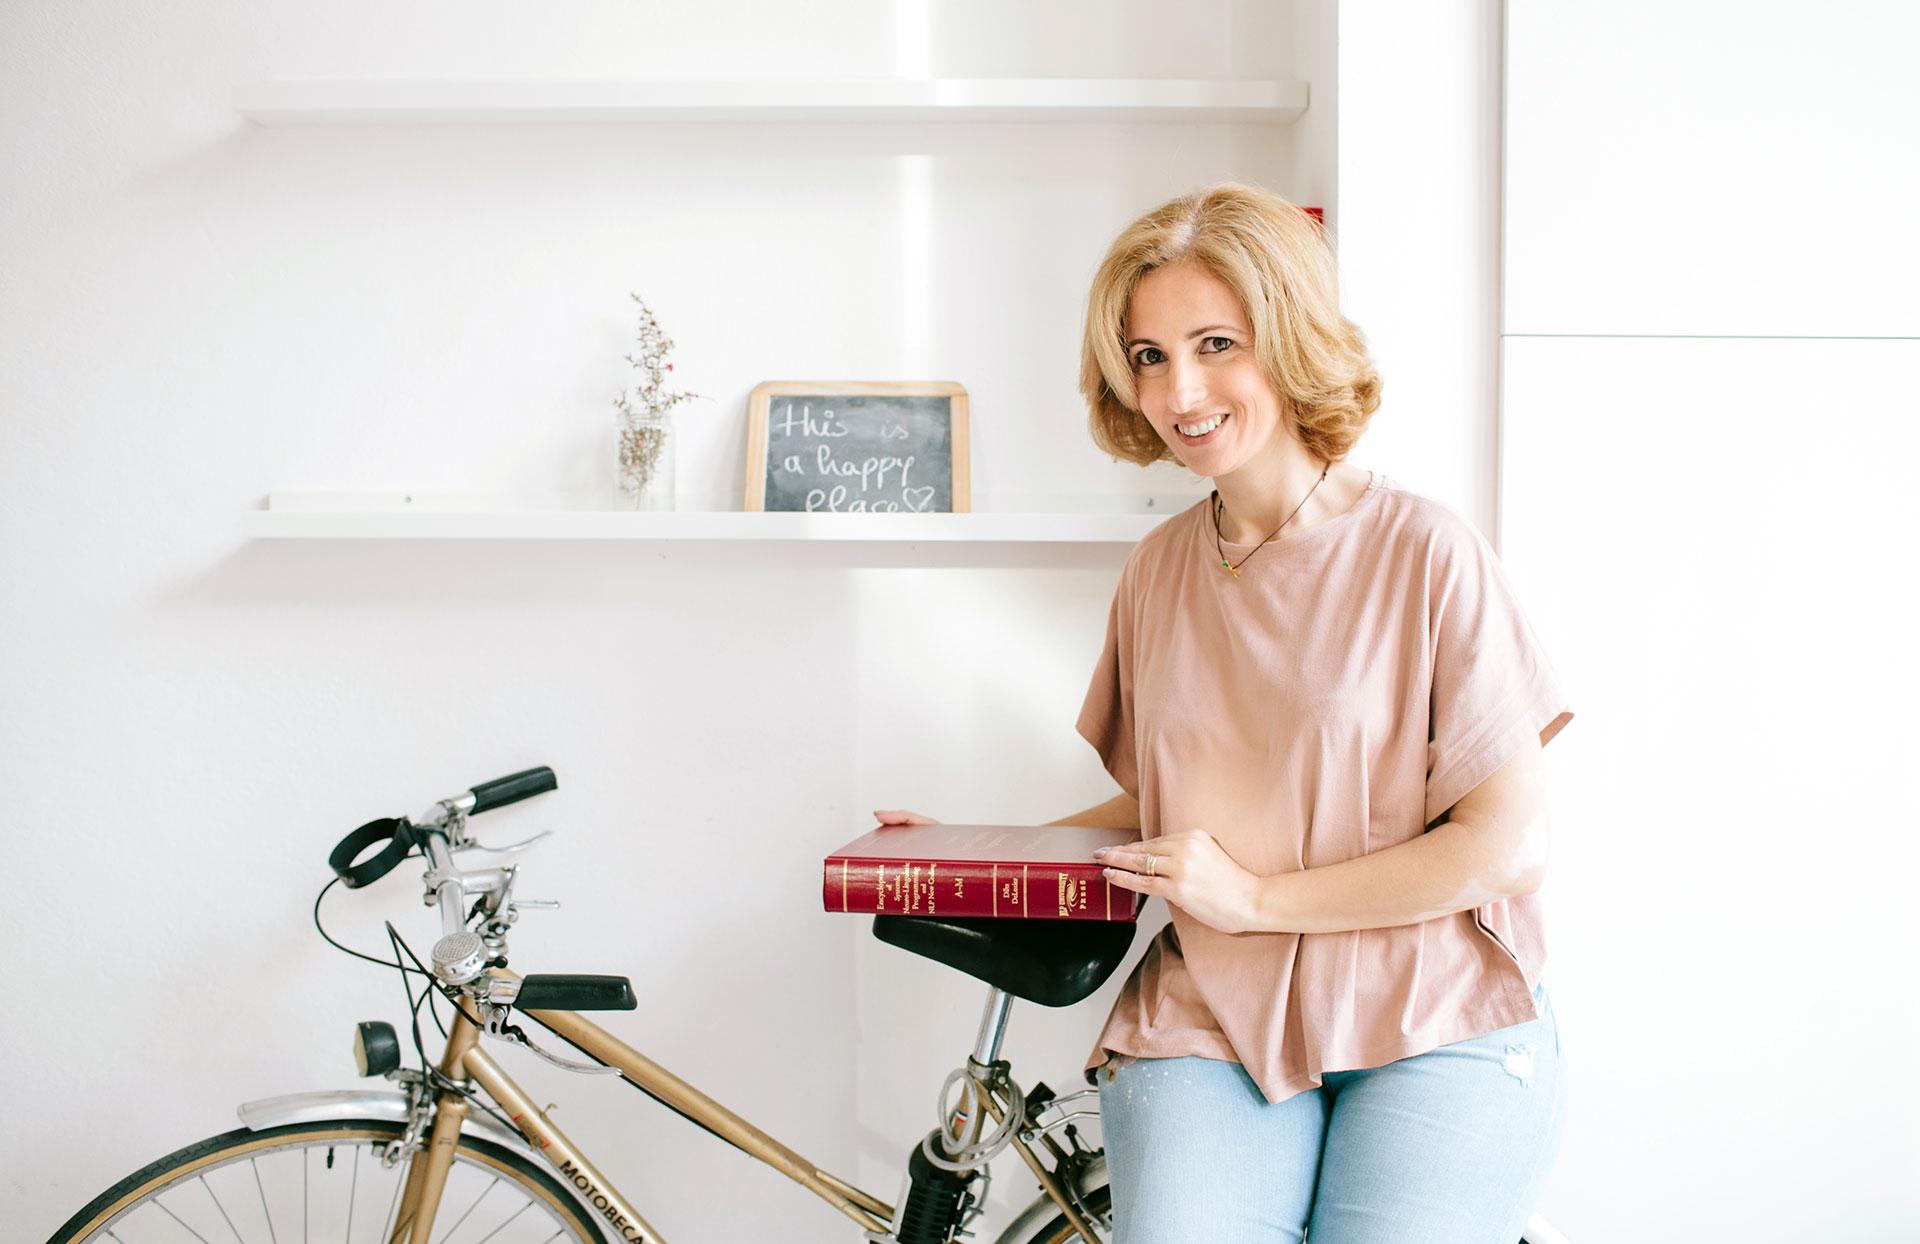 Rita Aleluia sentada numa bicicleta e com a enciclopédia sobre PNL nas mãos.